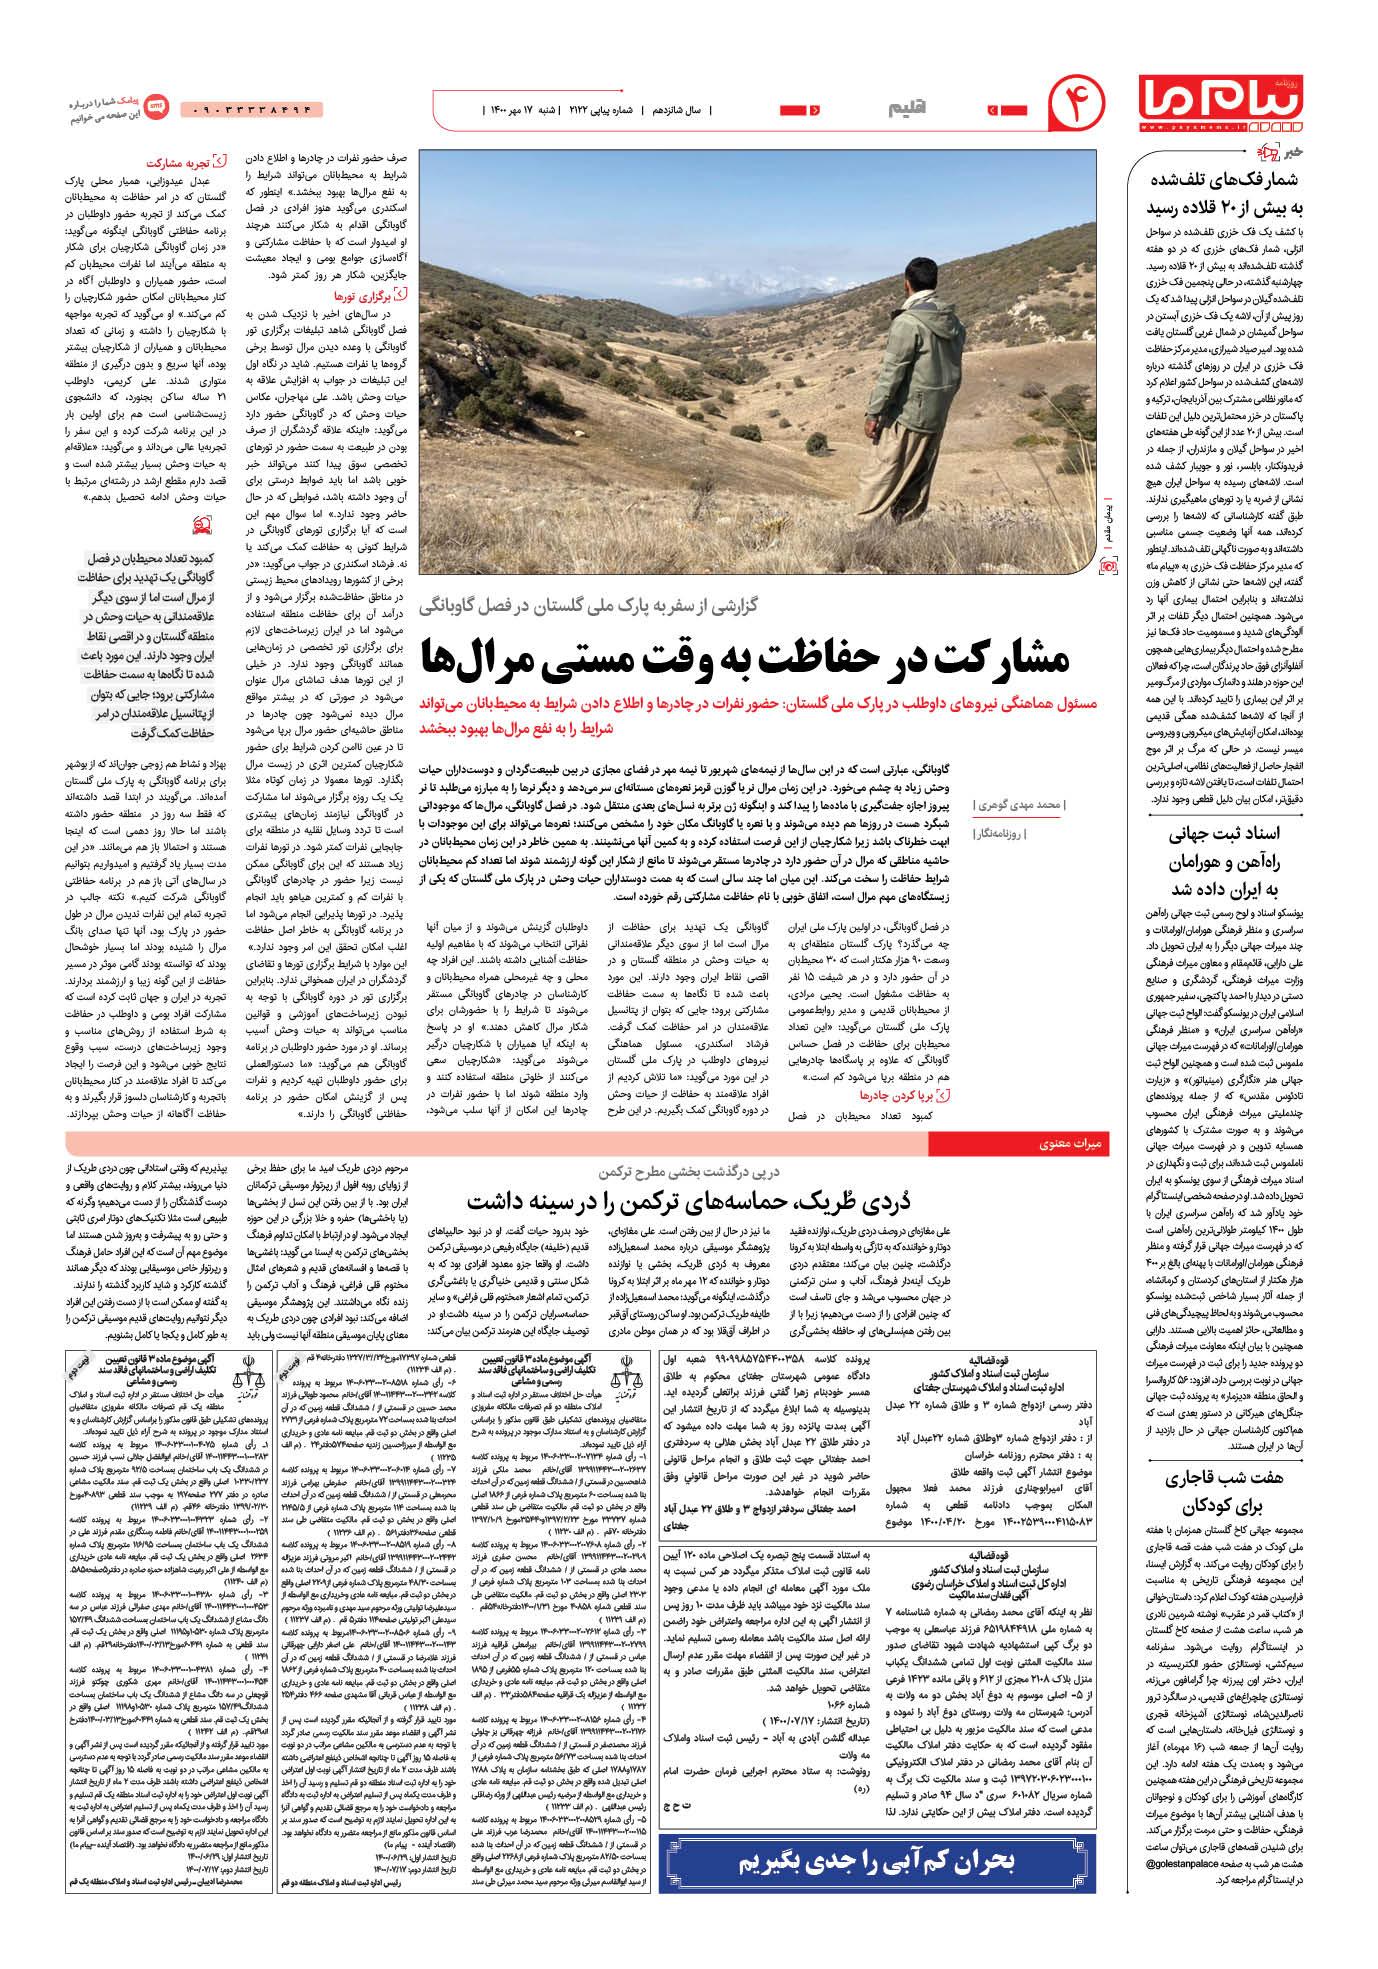 صفحه اقلیم شماره 2122 روزنامه پیام ما